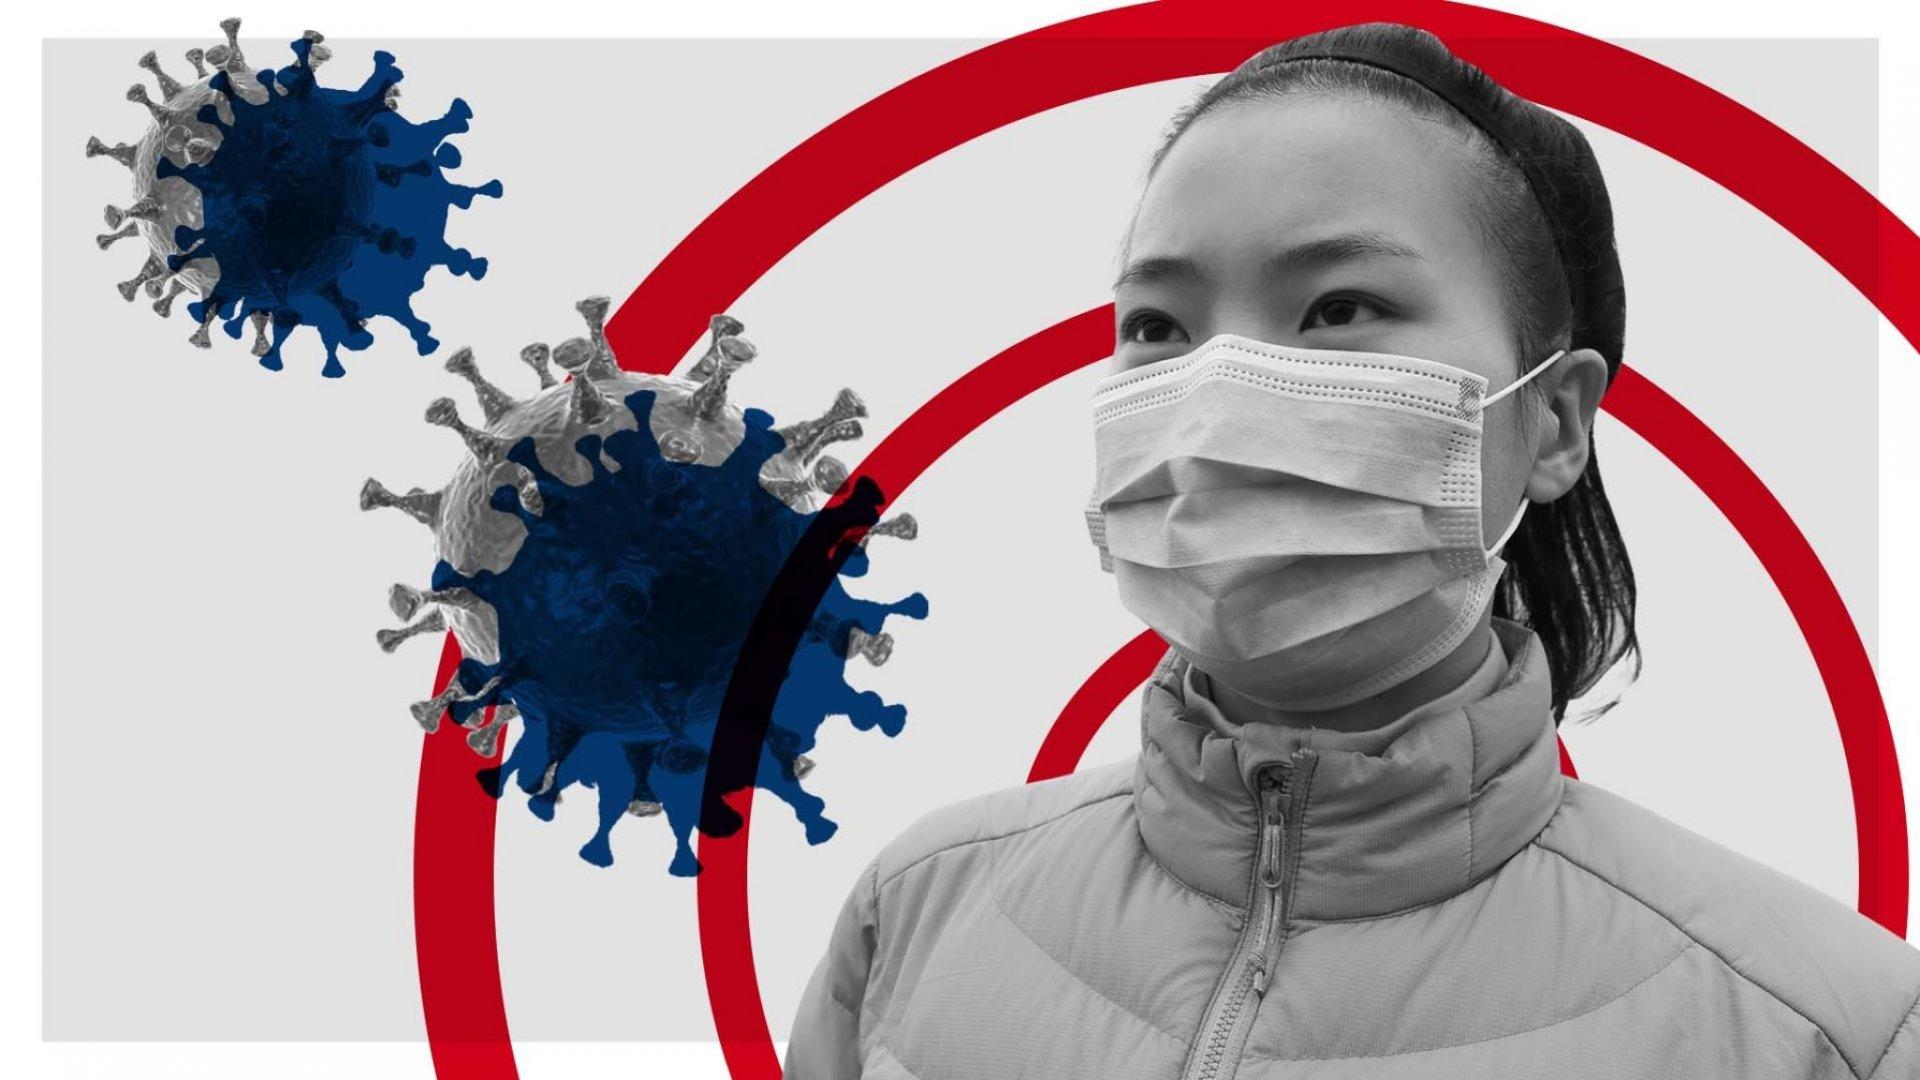 Коронавирус – Хүний гоц халдварт өвчний талаар таны мэдэх шаардлагатай зүйлс